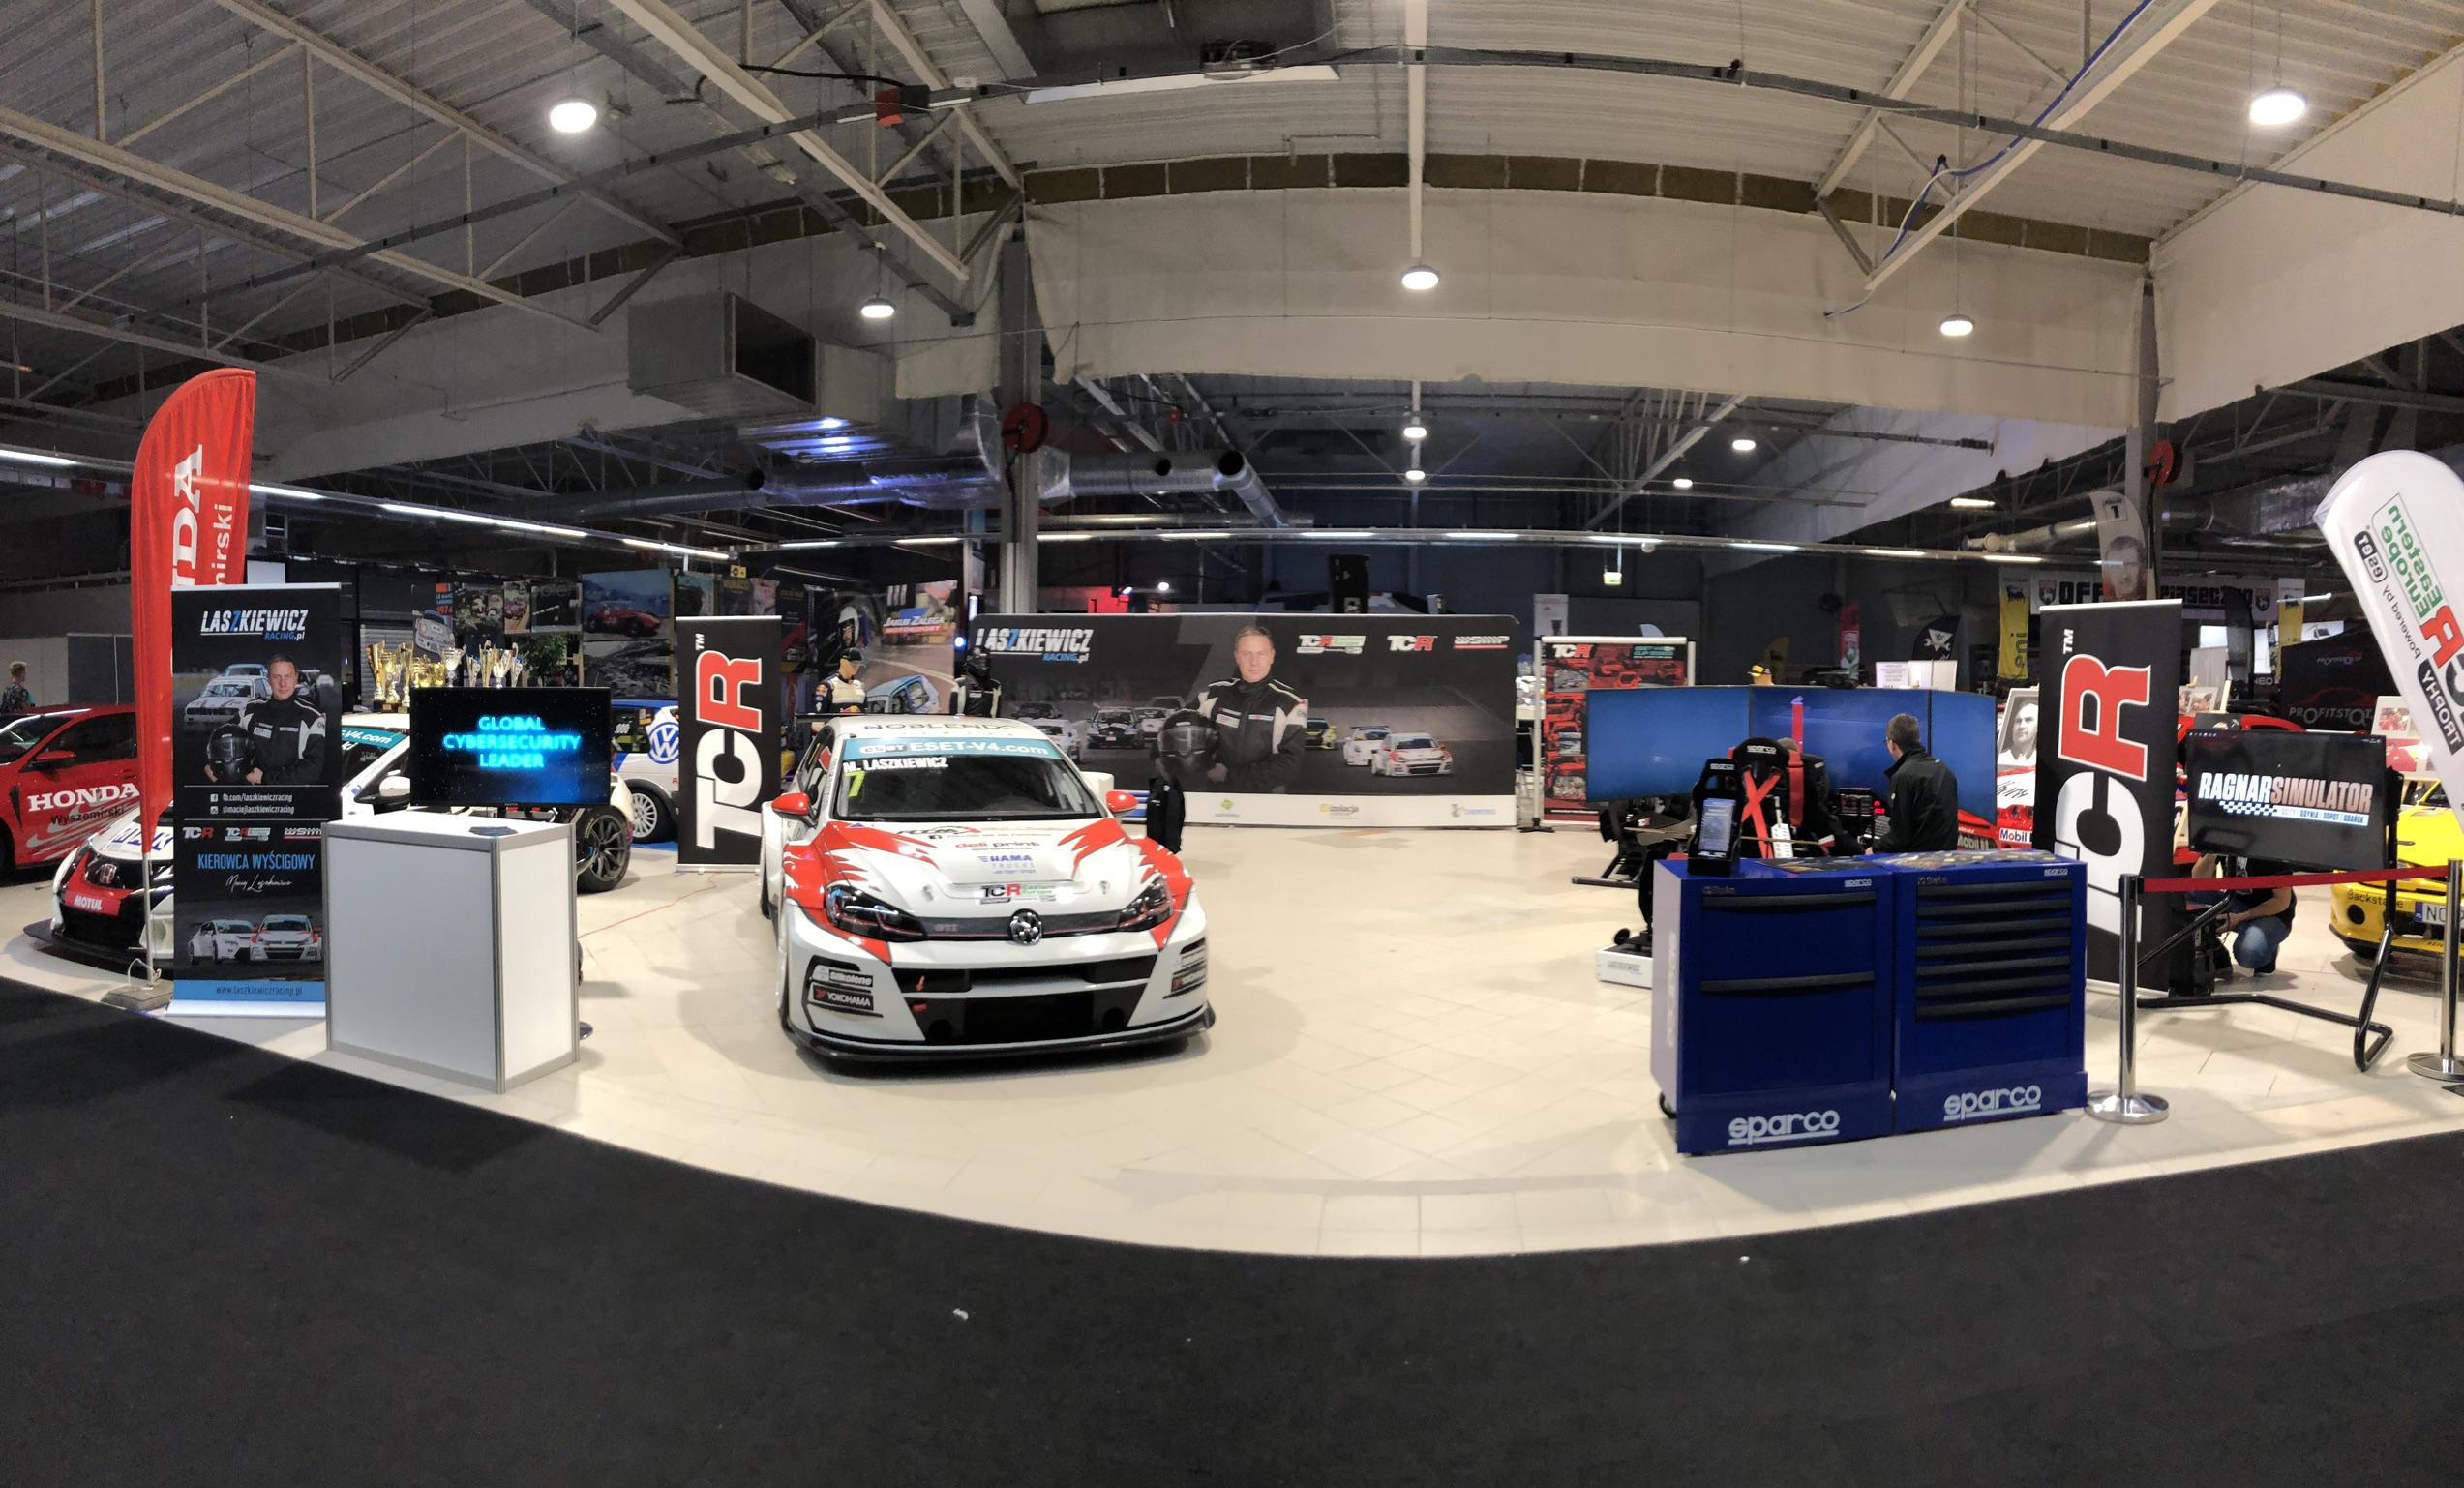 Na výstavě Racing Expo uvidíme i vozy ESET V4 Cupu